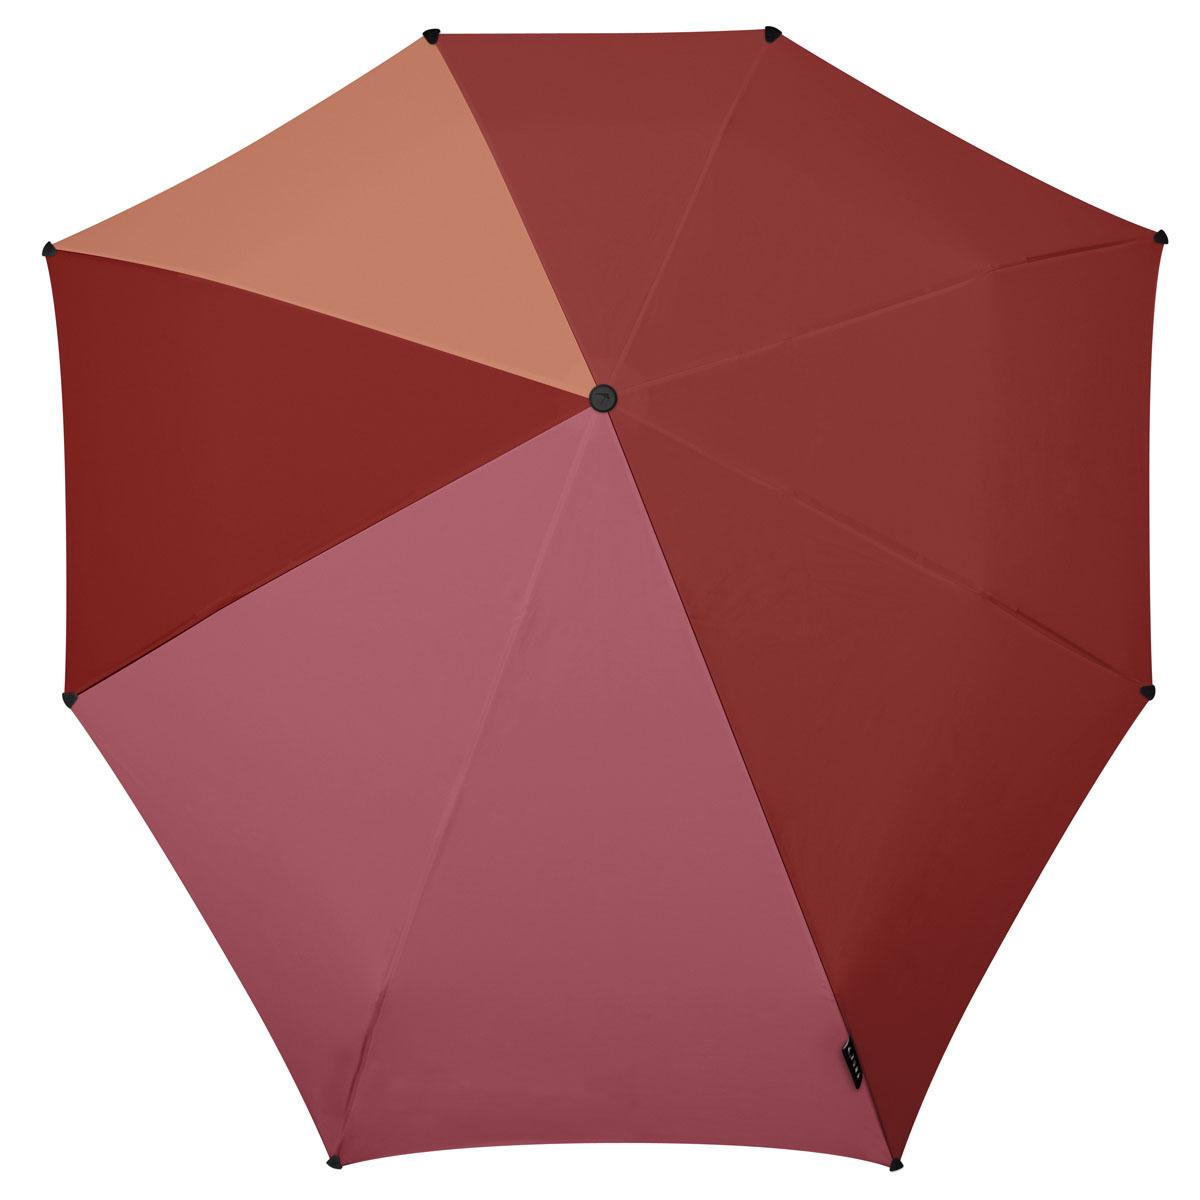 Зонт Senz, цвет: мультиколор. 1021054CX1516-50-10Инновационный противоштормовый зонт, выдерживающий любую непогоду.Входит в коллекцию global playground, разработанную в соответствии с современными течениями fashion-индустрии.Вдохновением для дизайнеров стали улицы городов по всему земному шару.На новых принтах вы встретите уникальный микс всего, что мы открываем для себя во время путешествий: разнообразие оттенков, цветов, теней, линий и форм. Зонт Senz отлично дополнит образ, подчеркнет индивидуальность и вкус своего обладателя. Легкий, компактный и прочный,он открывается и закрывается нажатием на кнопку.Закрывает спину от дождя, а благодаря своей усовершенствованной конструкции, зонт не выворачивается наизнанку даже при сильном ветре.Модель Senz automatic выдержала испытания в аэротрубе со скоростью ветра 80 км/ч. - тип — автомат- три сложения- выдерживает порывы ветра до 80 км/ч- УФ-защита 50+- эргономичная ручка- безопасные колпачки на кончиках спиц- в комплекте плотный чехол- гарантия 2 годаРазмер купола: 91 х 57, длина в сложенном виде - 91 см.